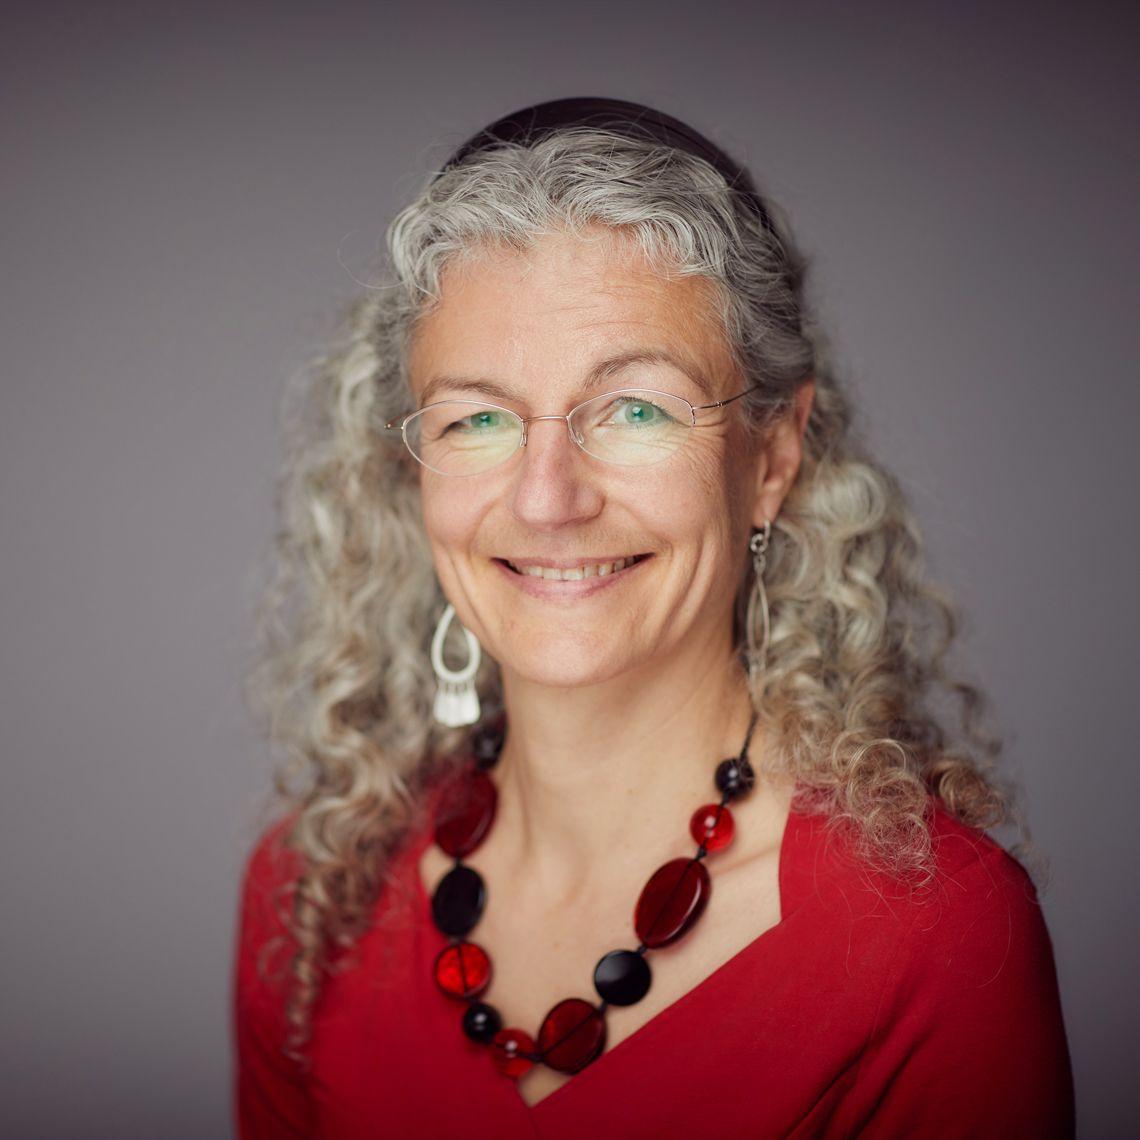 Dr Claire-Lise Kessler